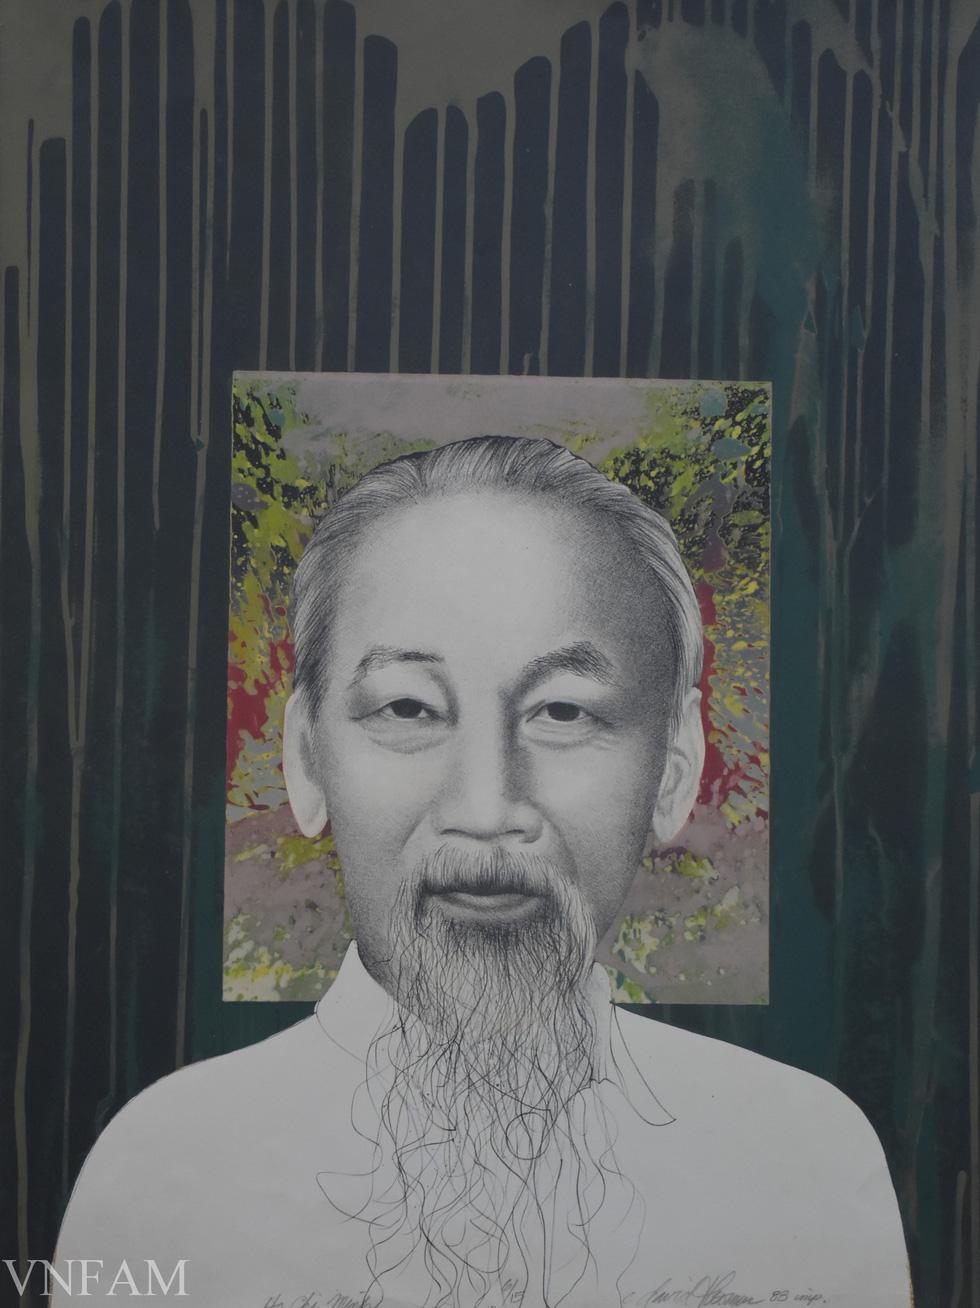 Ngắm tranh Bác Hồ của các danh họa Trần Văn Cẩn, Dương Bích Liên, Lê Bá Đảng - Ảnh 11.